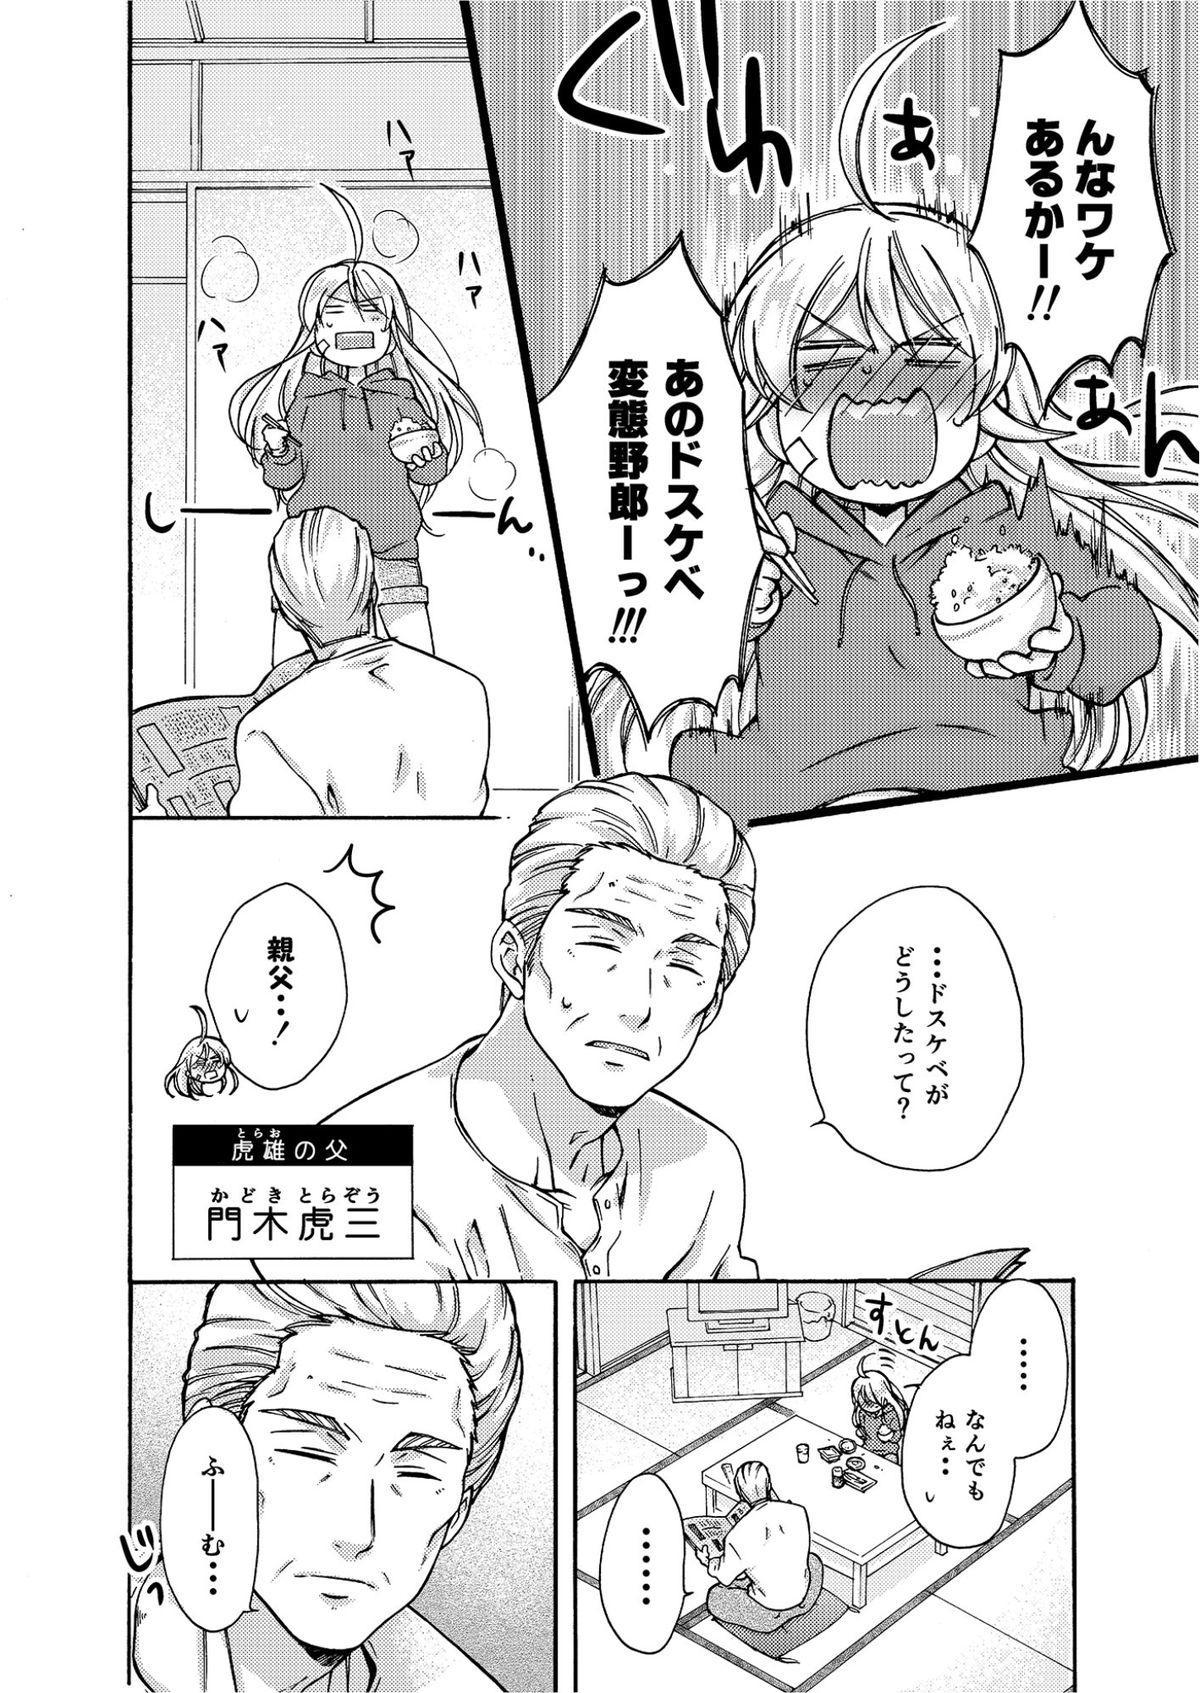 Nyotaika Yankee Gakuen ☆ Ore no Hajimete, Nerawaretemasu. 4 2